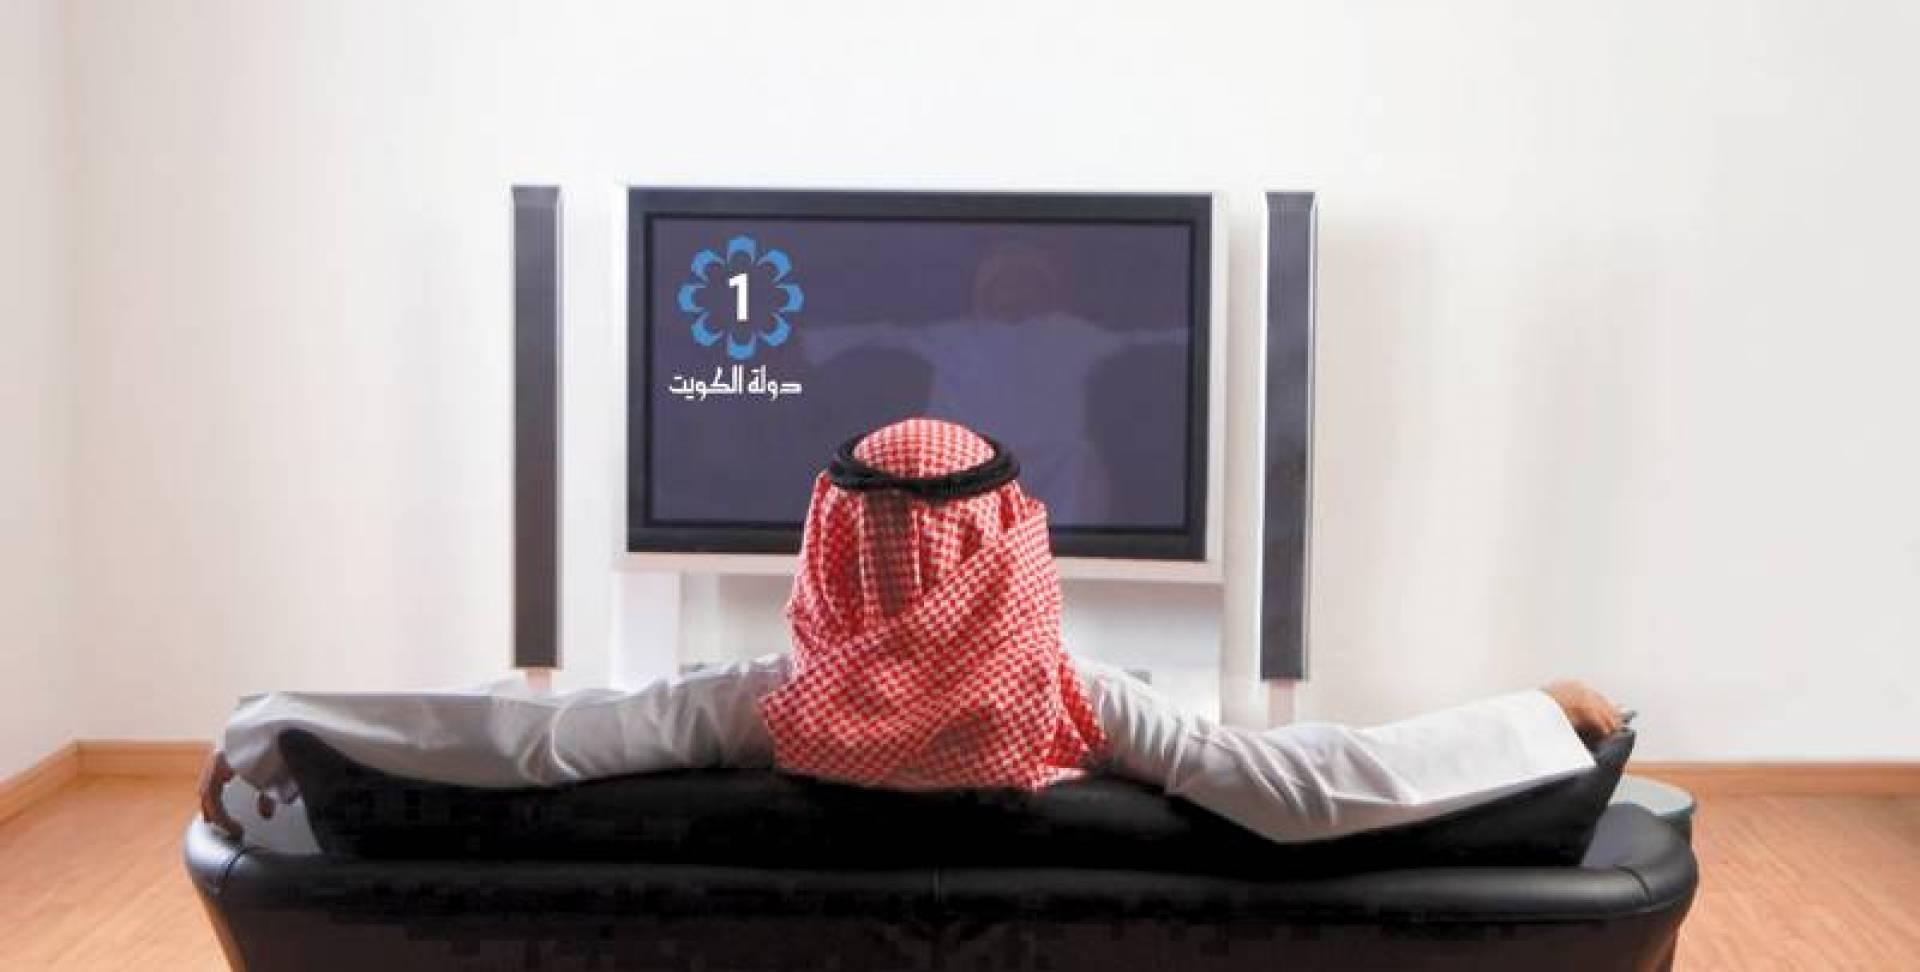 تلفزيون الكويت.. عراقة الماضي لا تكفي لمواجهة طوفان المستقبل